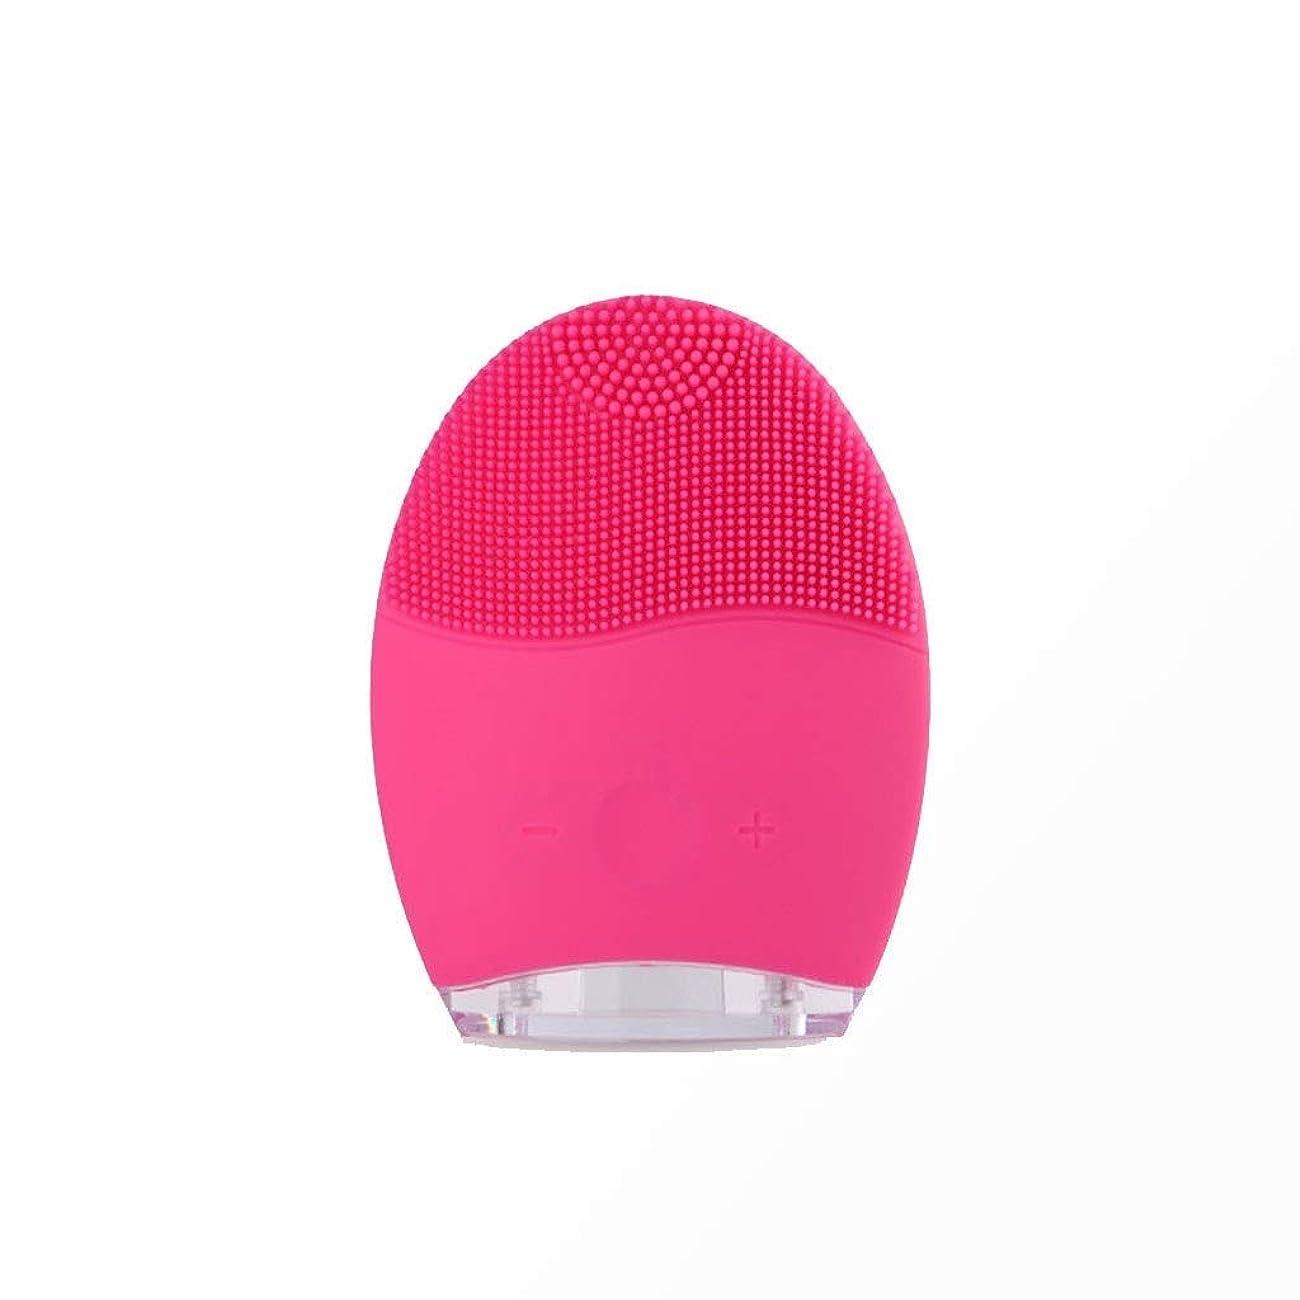 穿孔するローブ逆さまにソニックバイブレーションフェイシャルクレンジングブラシ、電動ポータブルフェイシャルクレンジングブラシディープクレンジングブラシは、すべての肌タイプのしわ美容ツールを減らします (Color : Red)